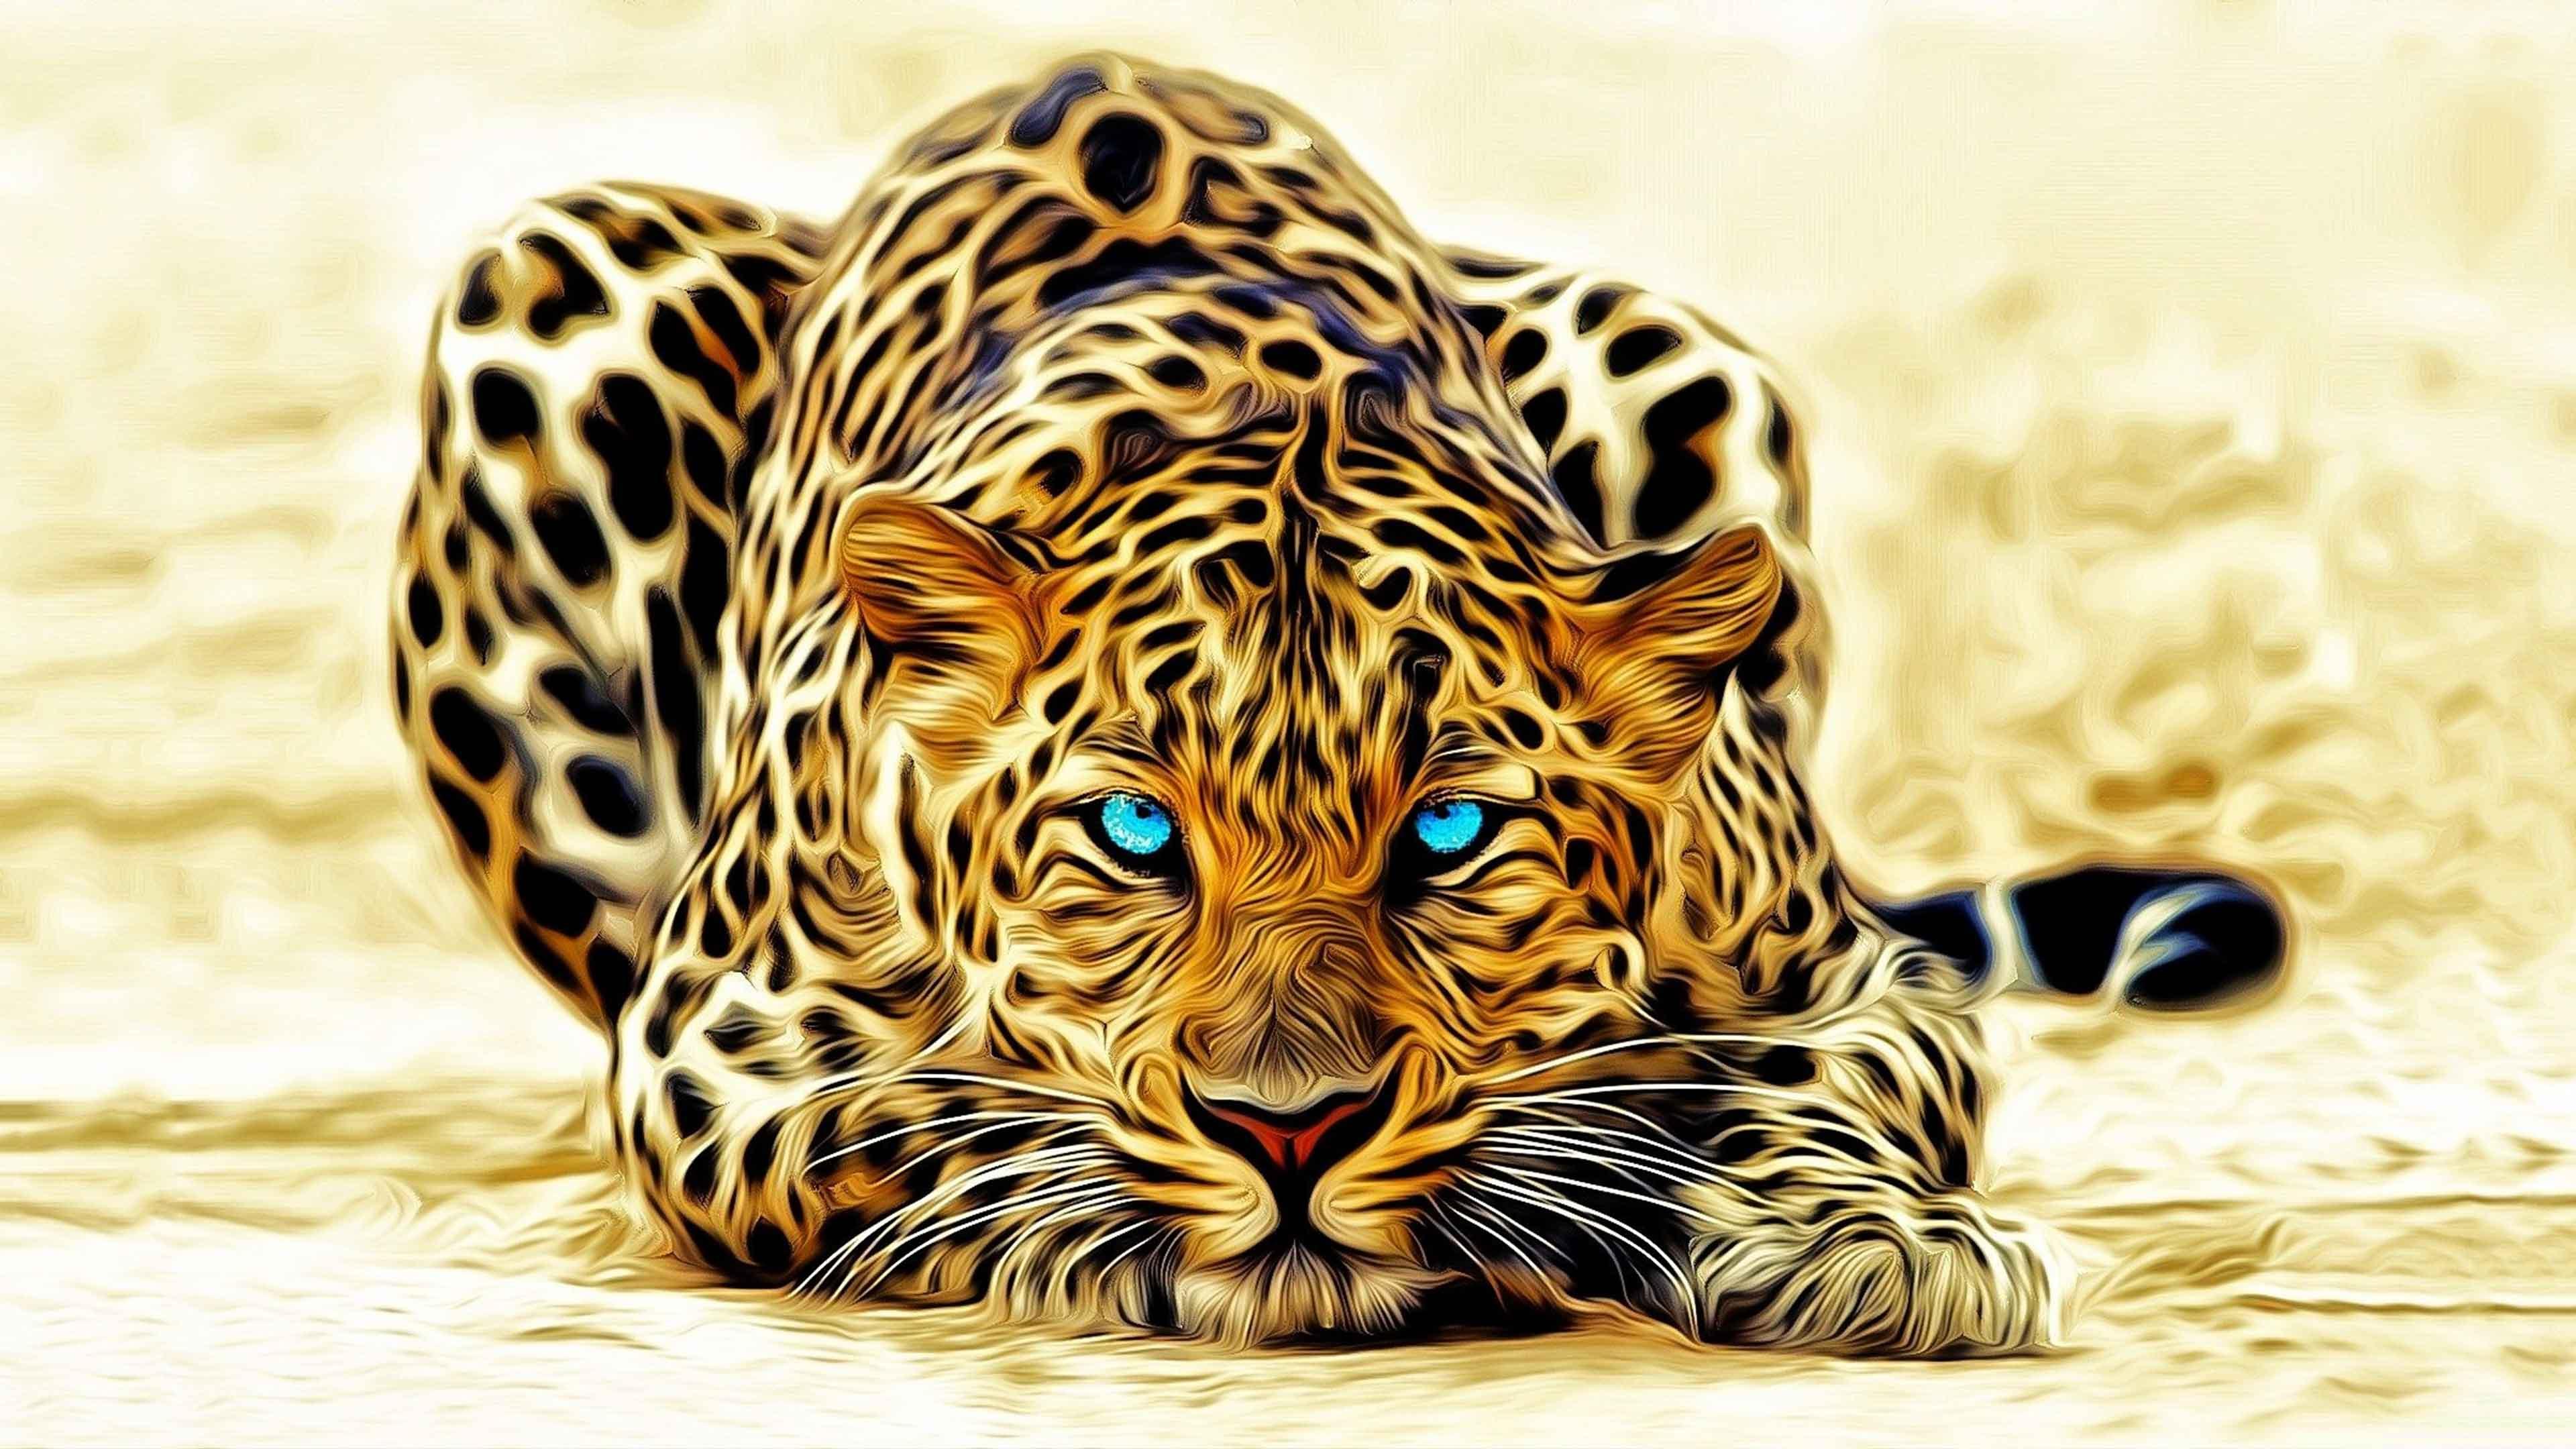 леопард хищник без регистрации